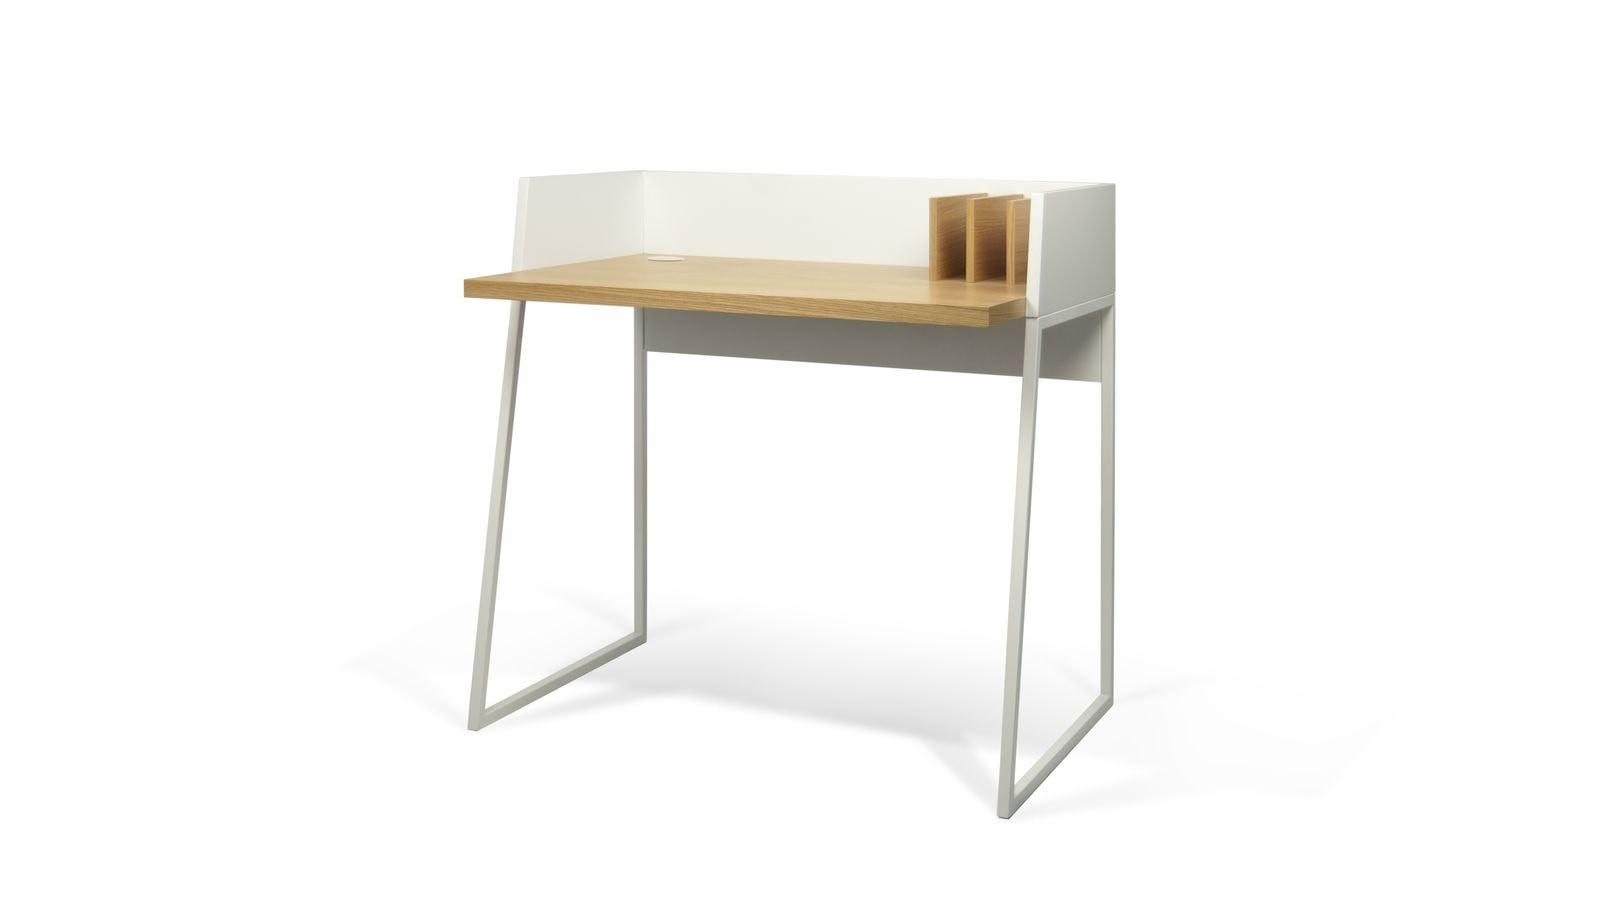 bureau en bois blanc et clair